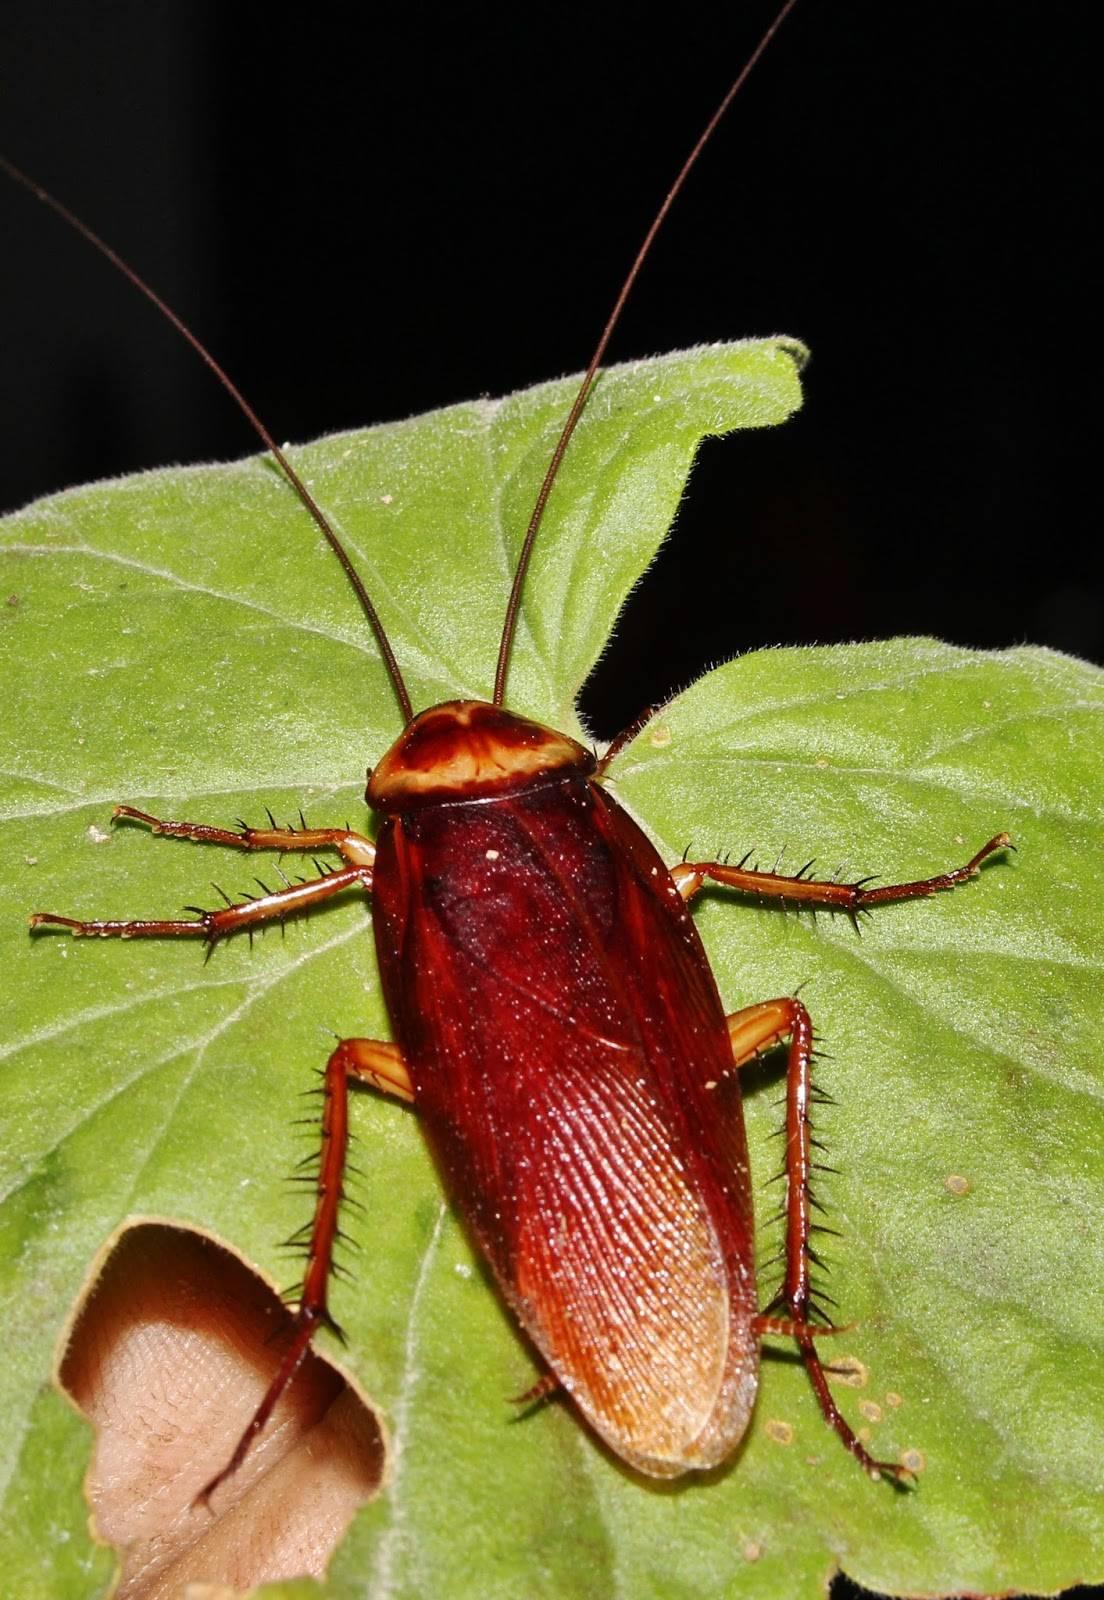 Летучие американские тараканы: внешний вид, вред для человека